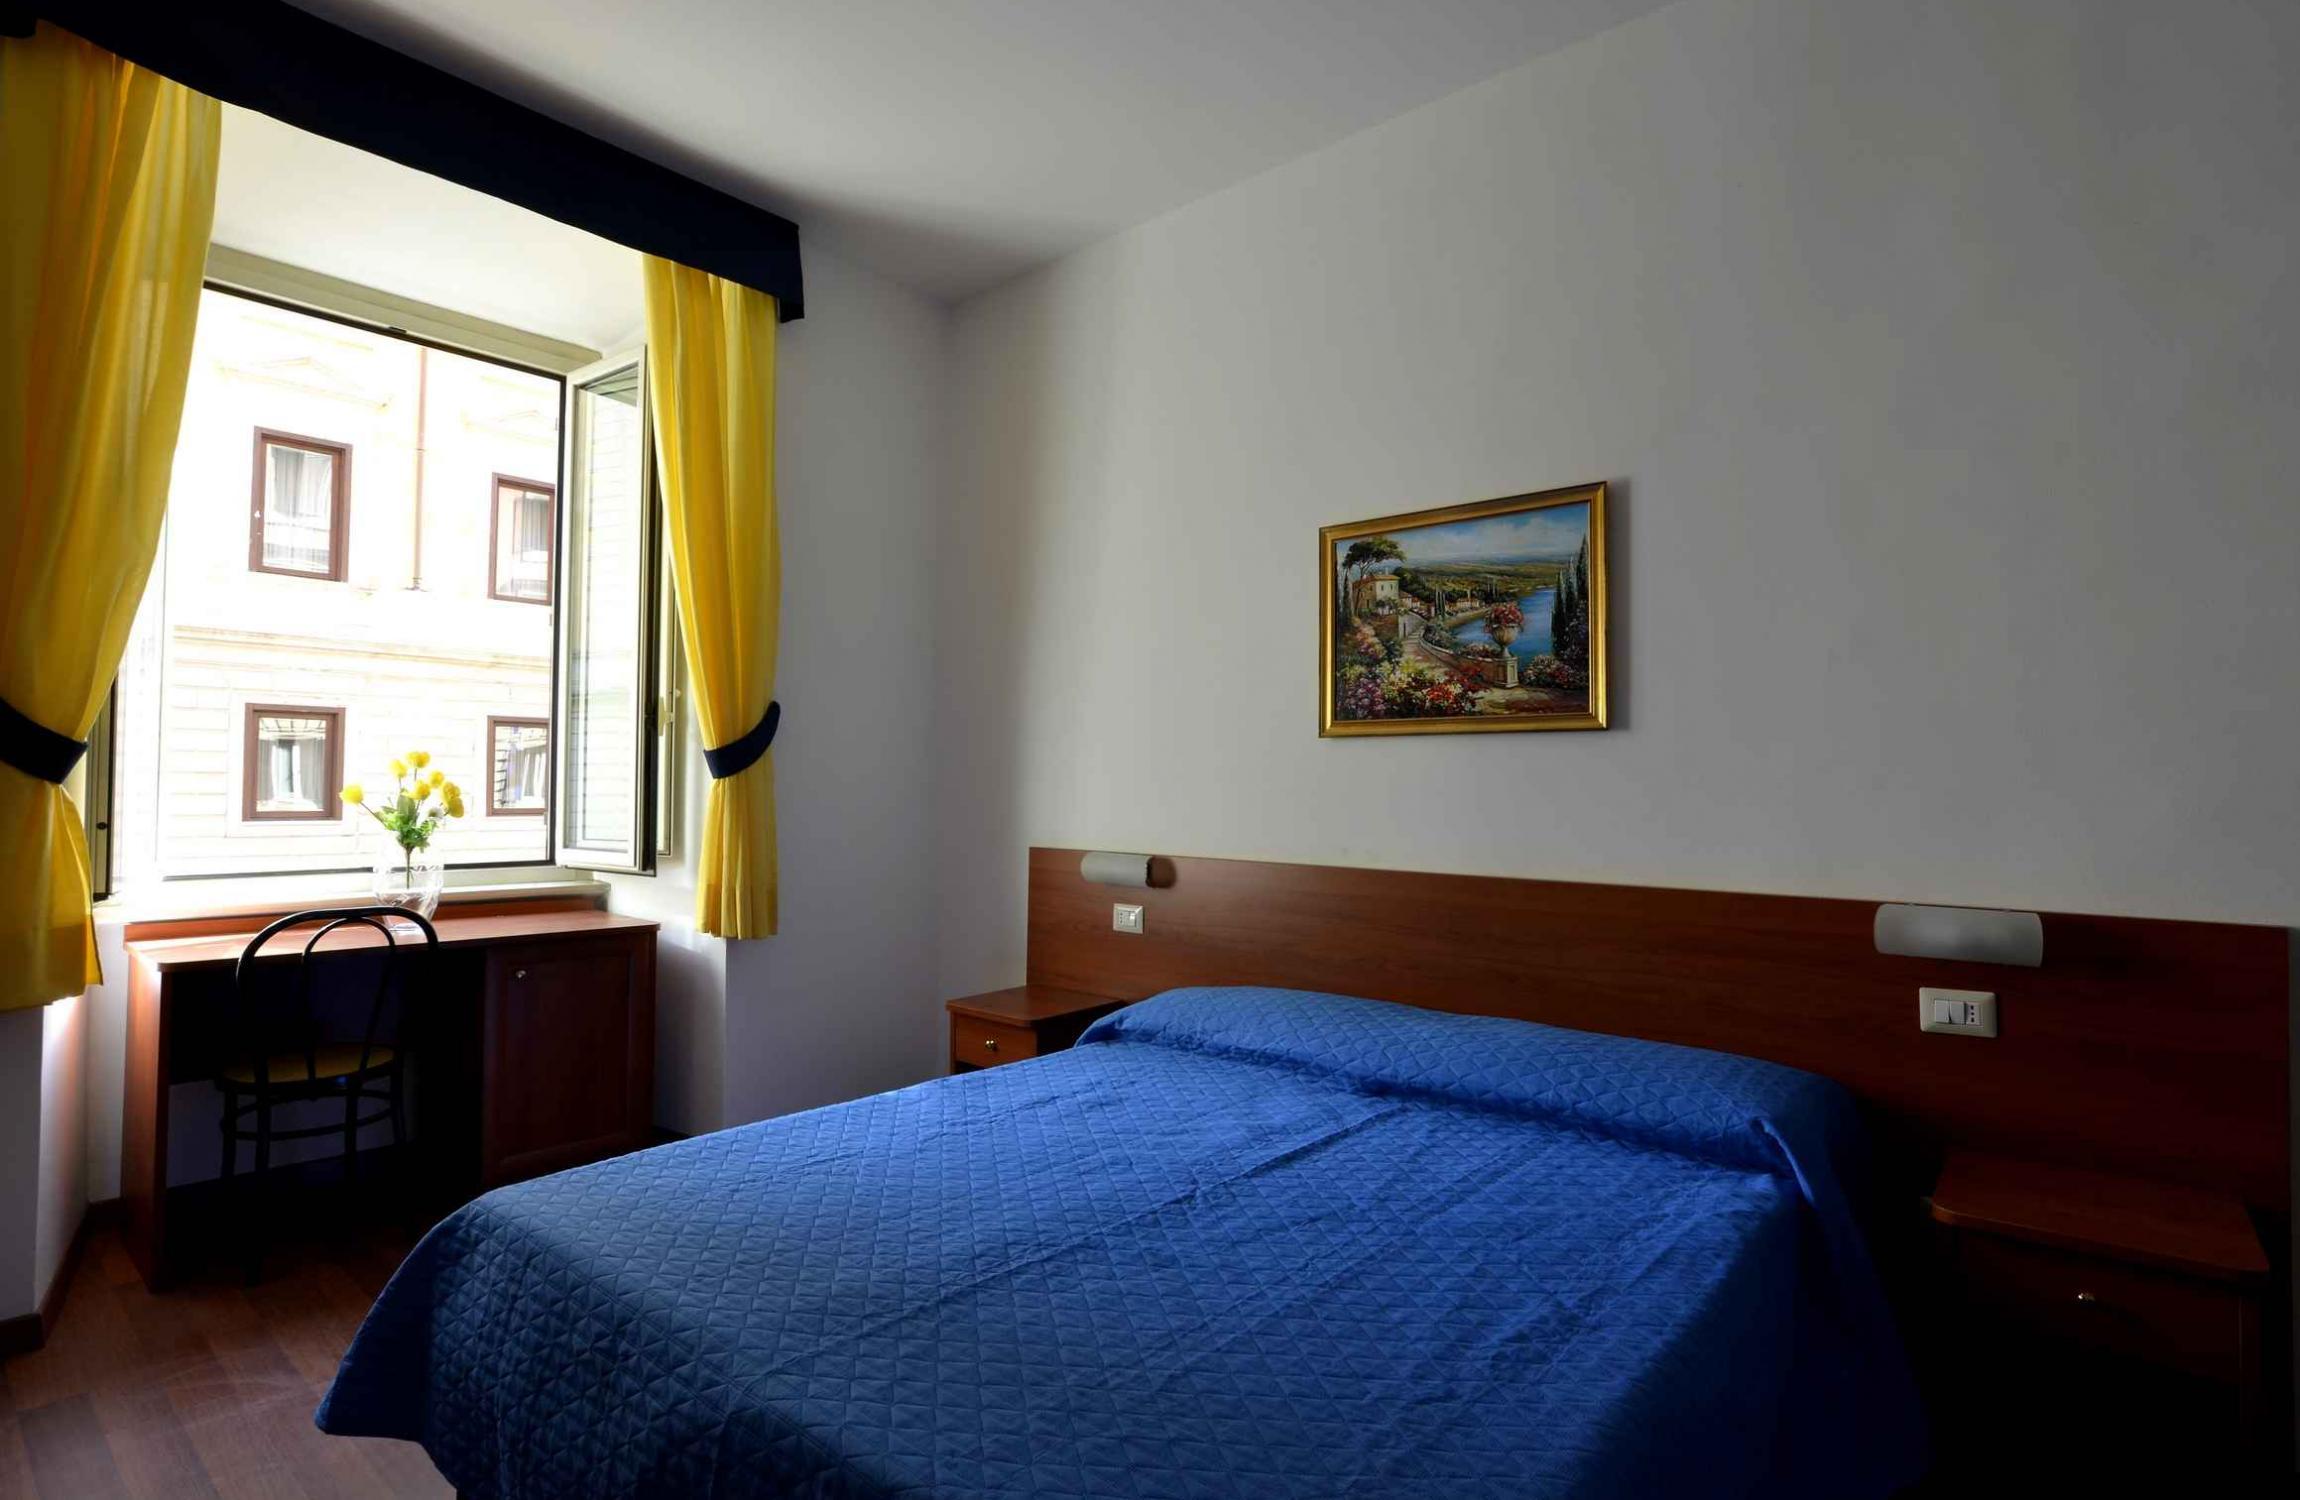 Camere Nuove Roma Termini con WiFi gratuito